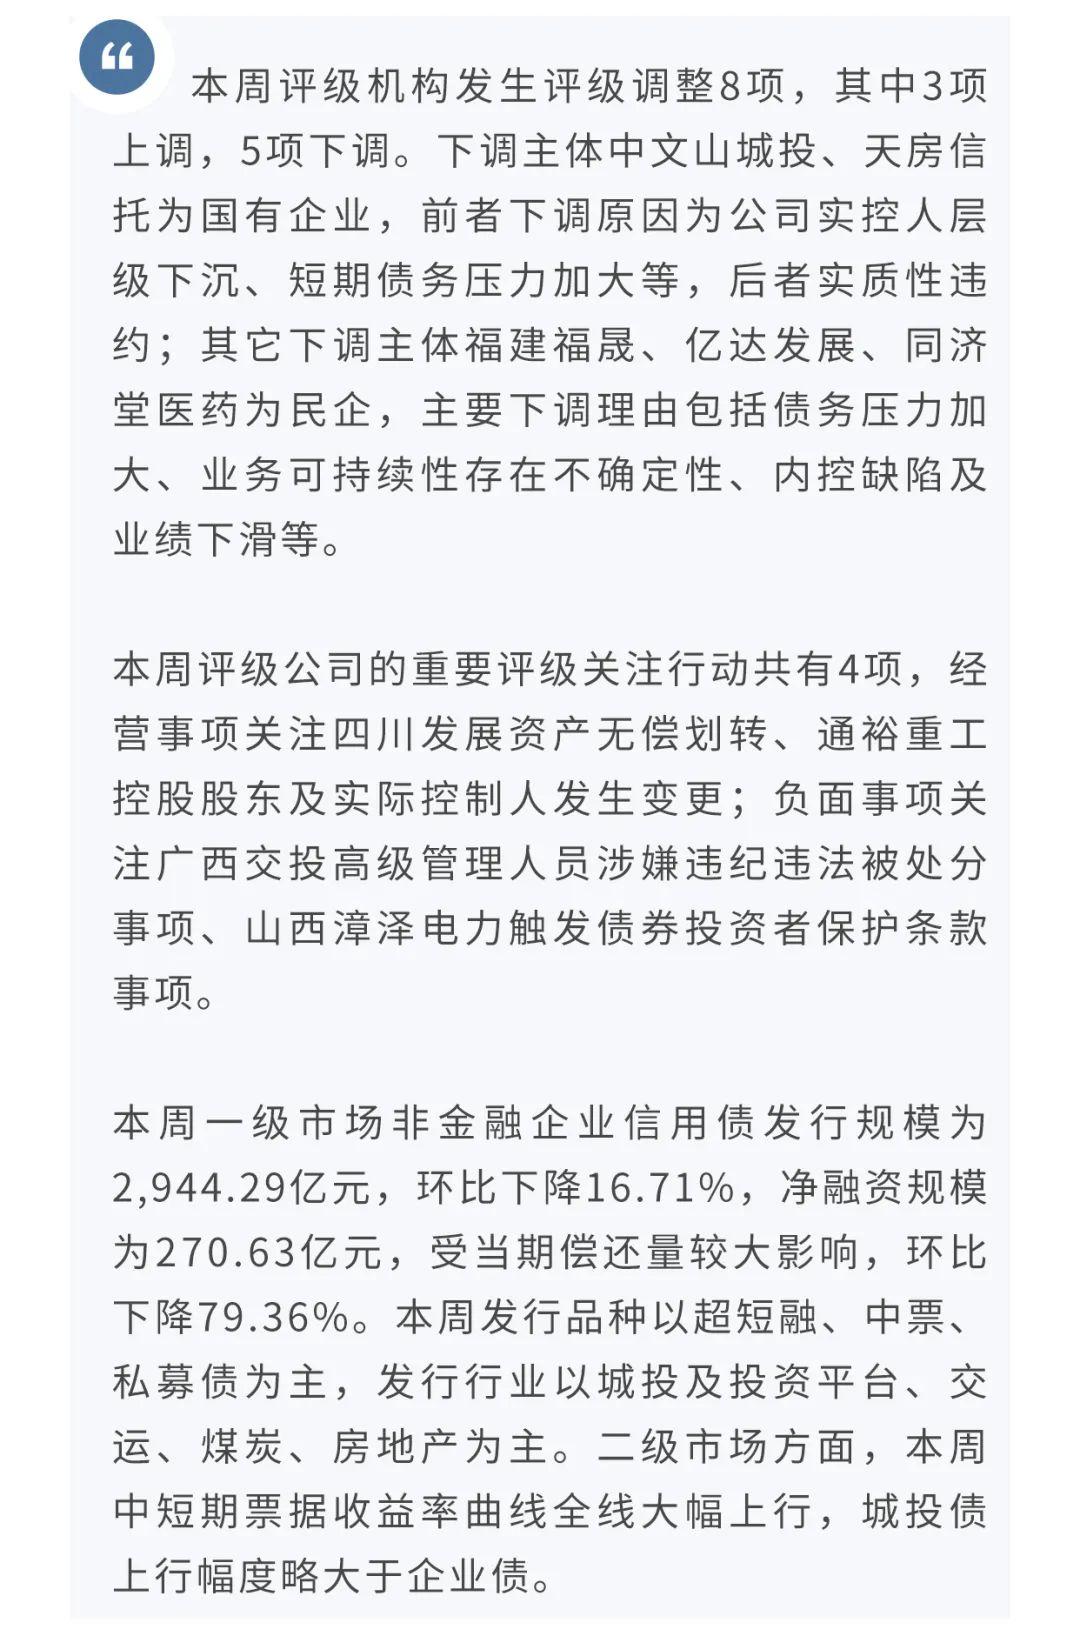 【信用】兴业研究信用观察周报(第27期) 2020.8.24—2020.8.28